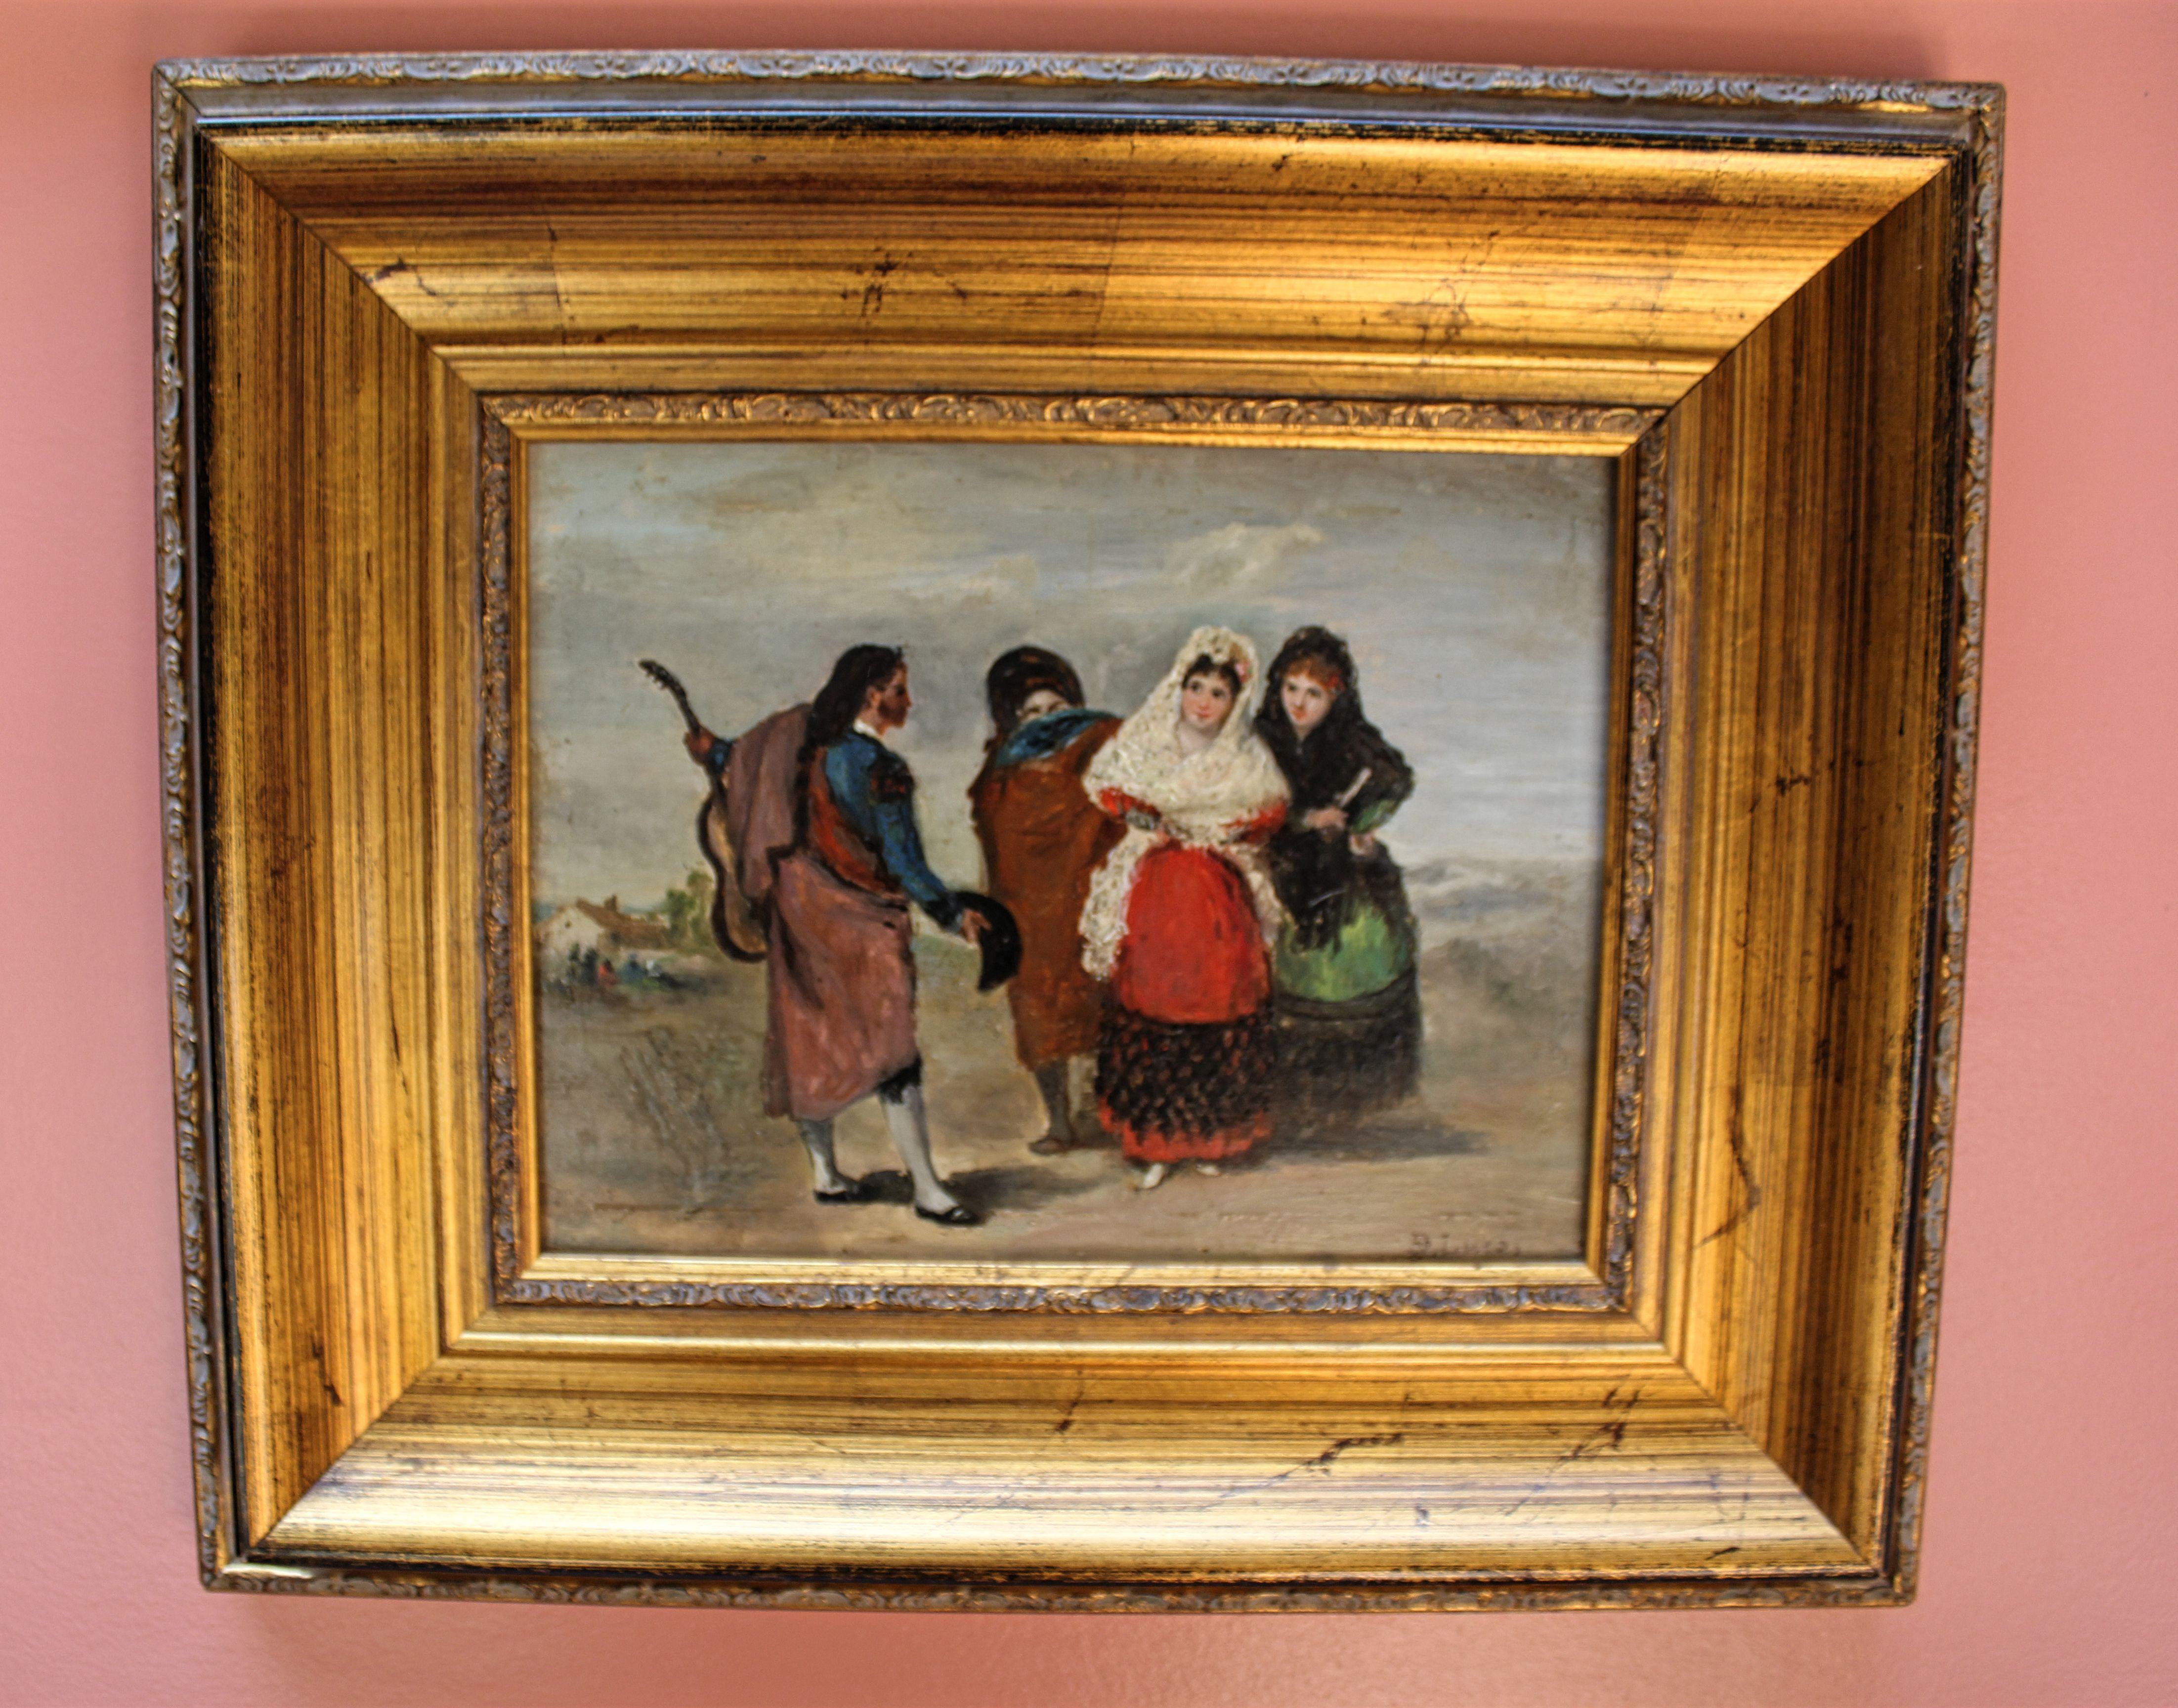 Título: Romeros madrileños. Autor: Eugenio Lucas Villaamil (Madrid 1858-1919). Galería particular. Tamaño: 31x40 cm. Fecha: 1885 aprox. Colección: Romerías.